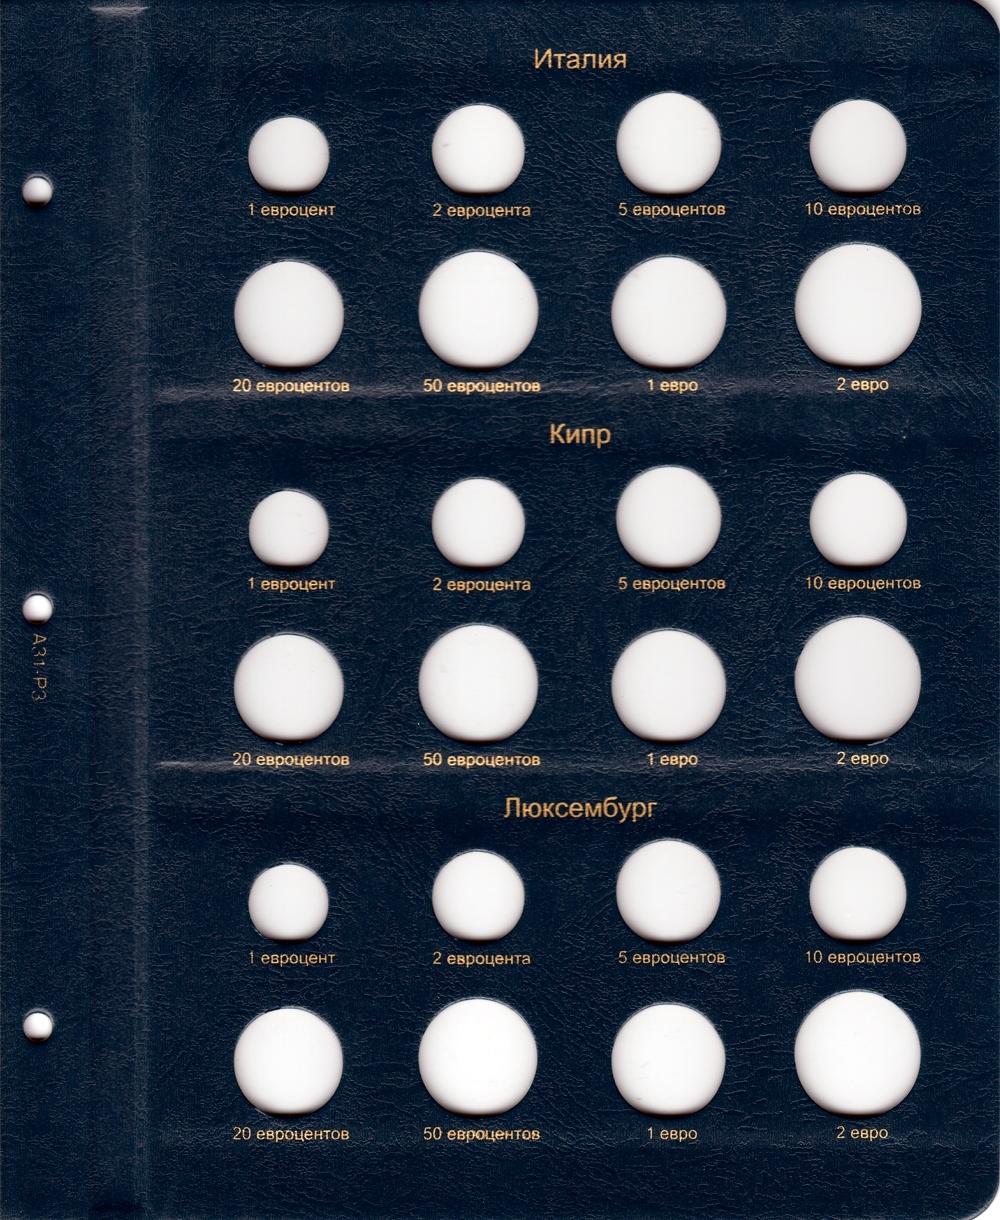 Альбом для монет стран Евросоюза регулярного чекана (без разновидностей) - 3